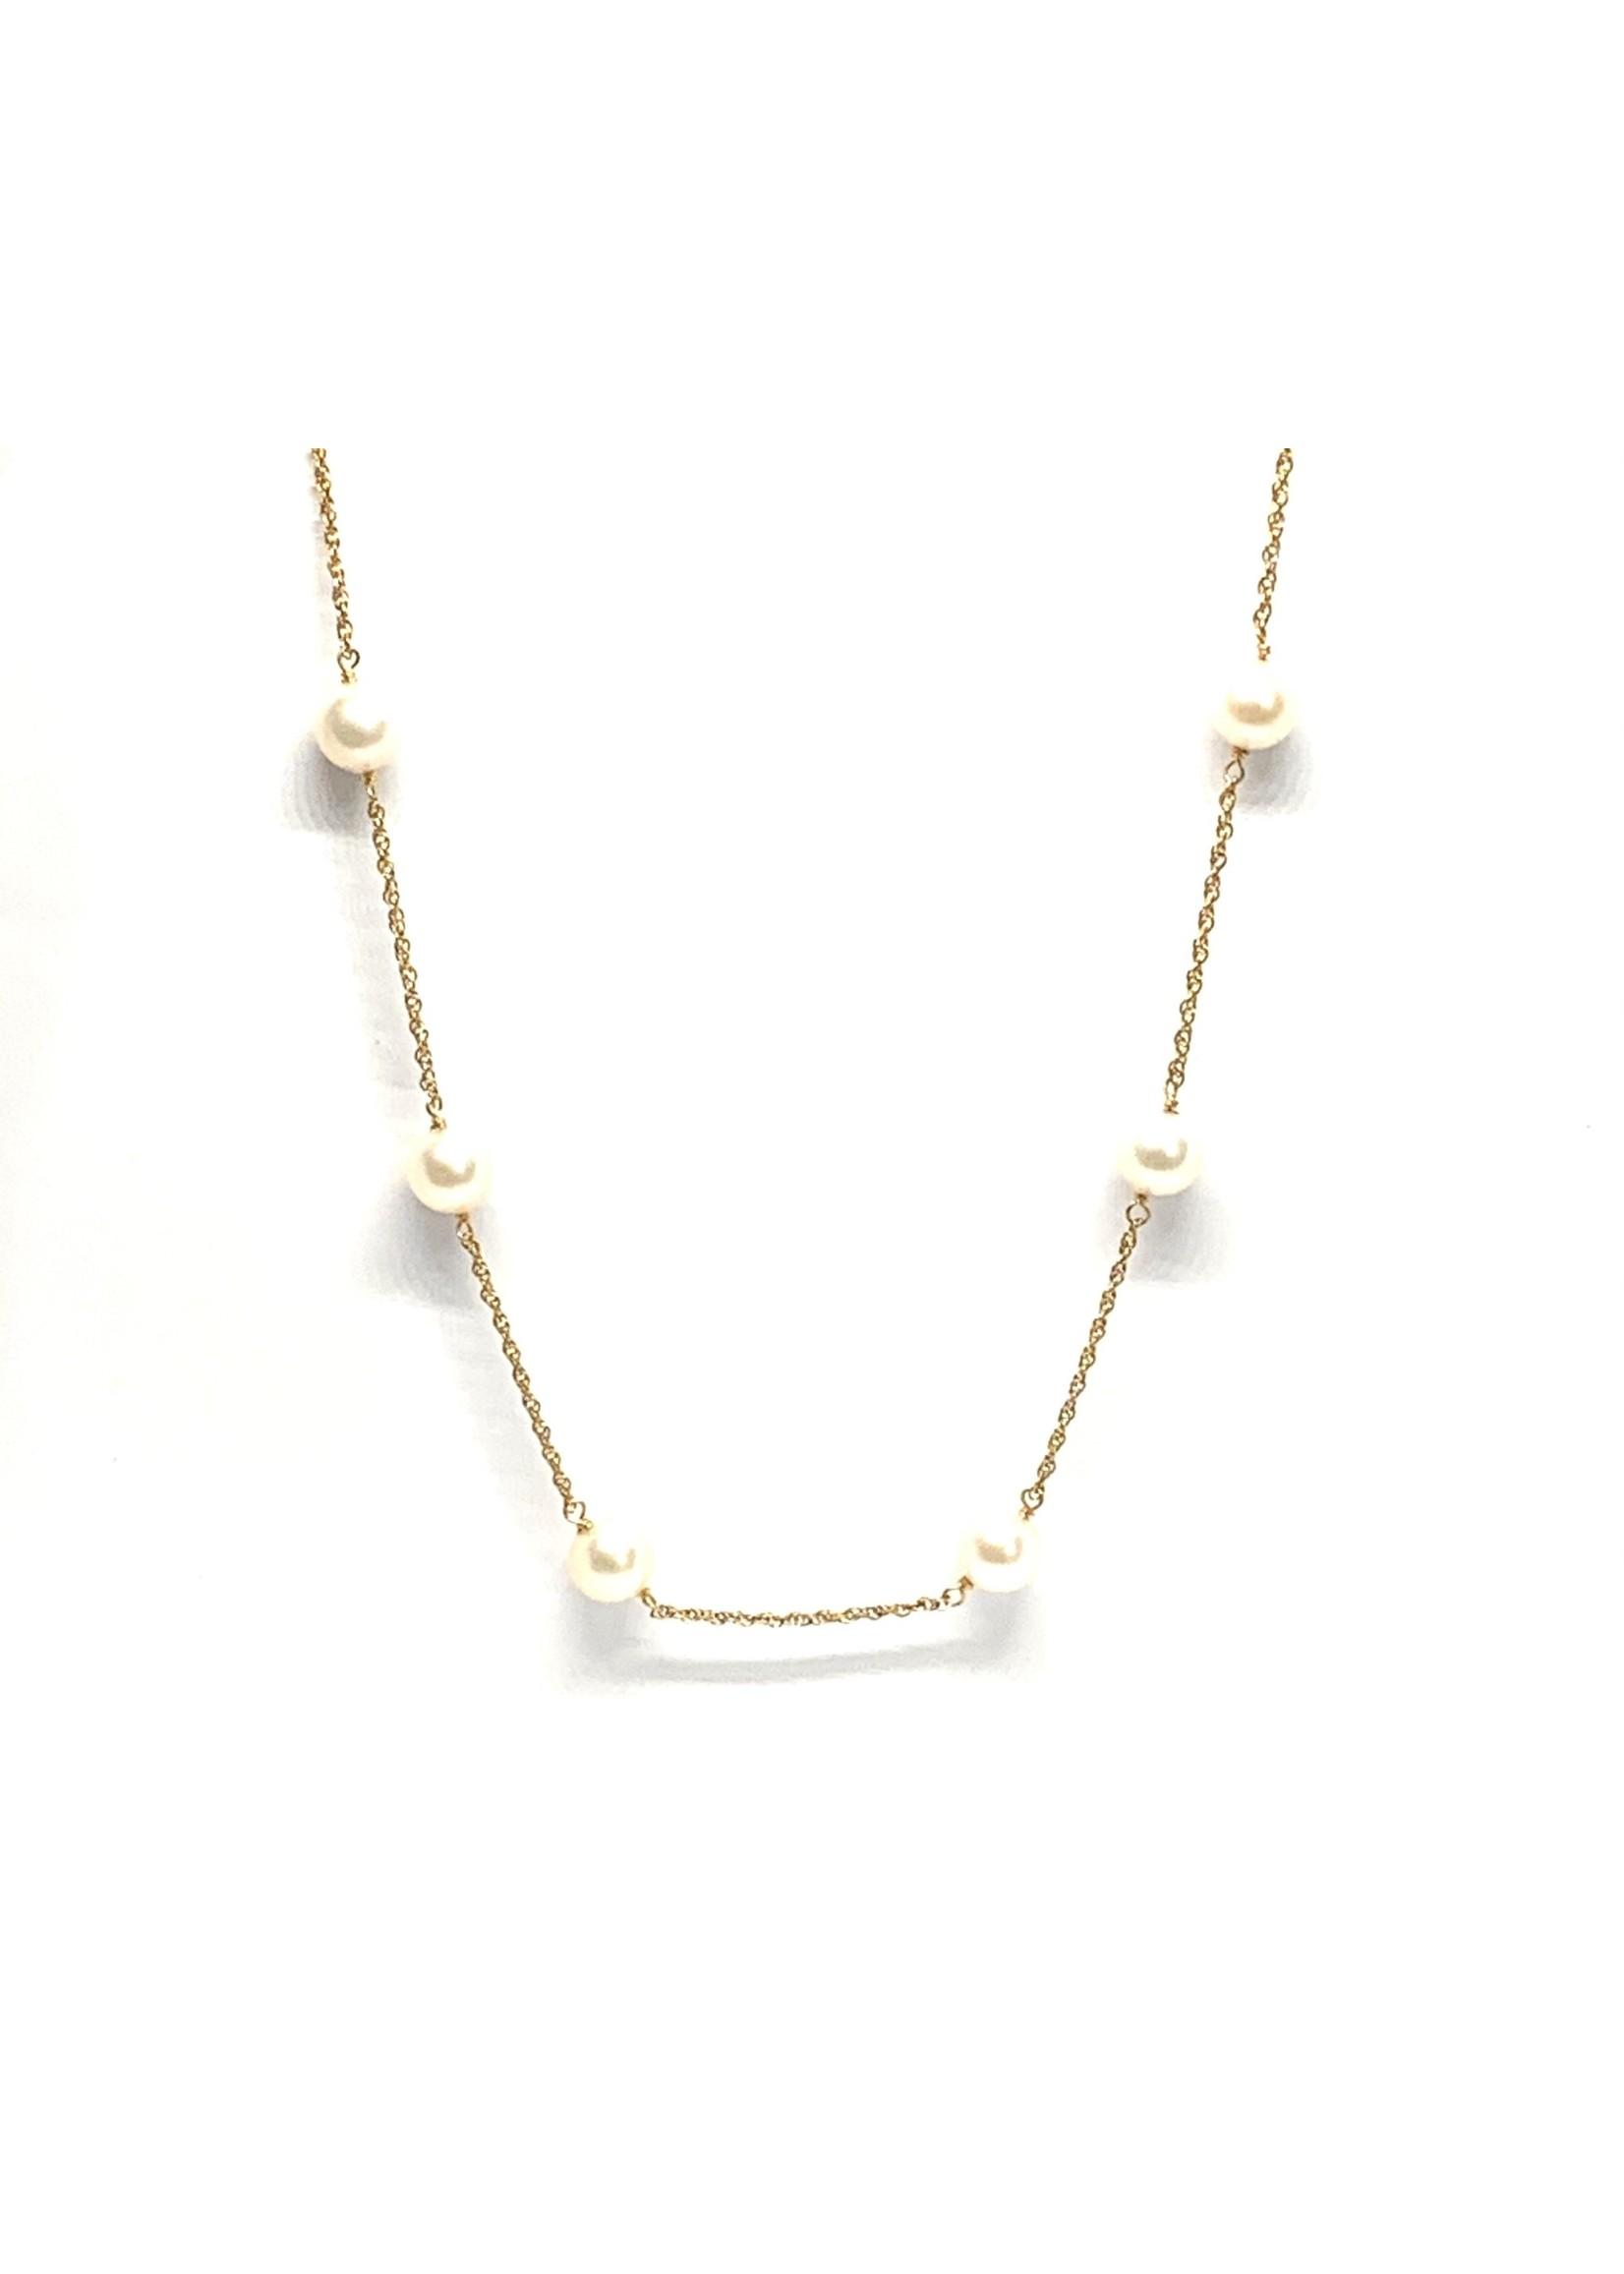 Chaîne en Or 10K  avec perles eau douce